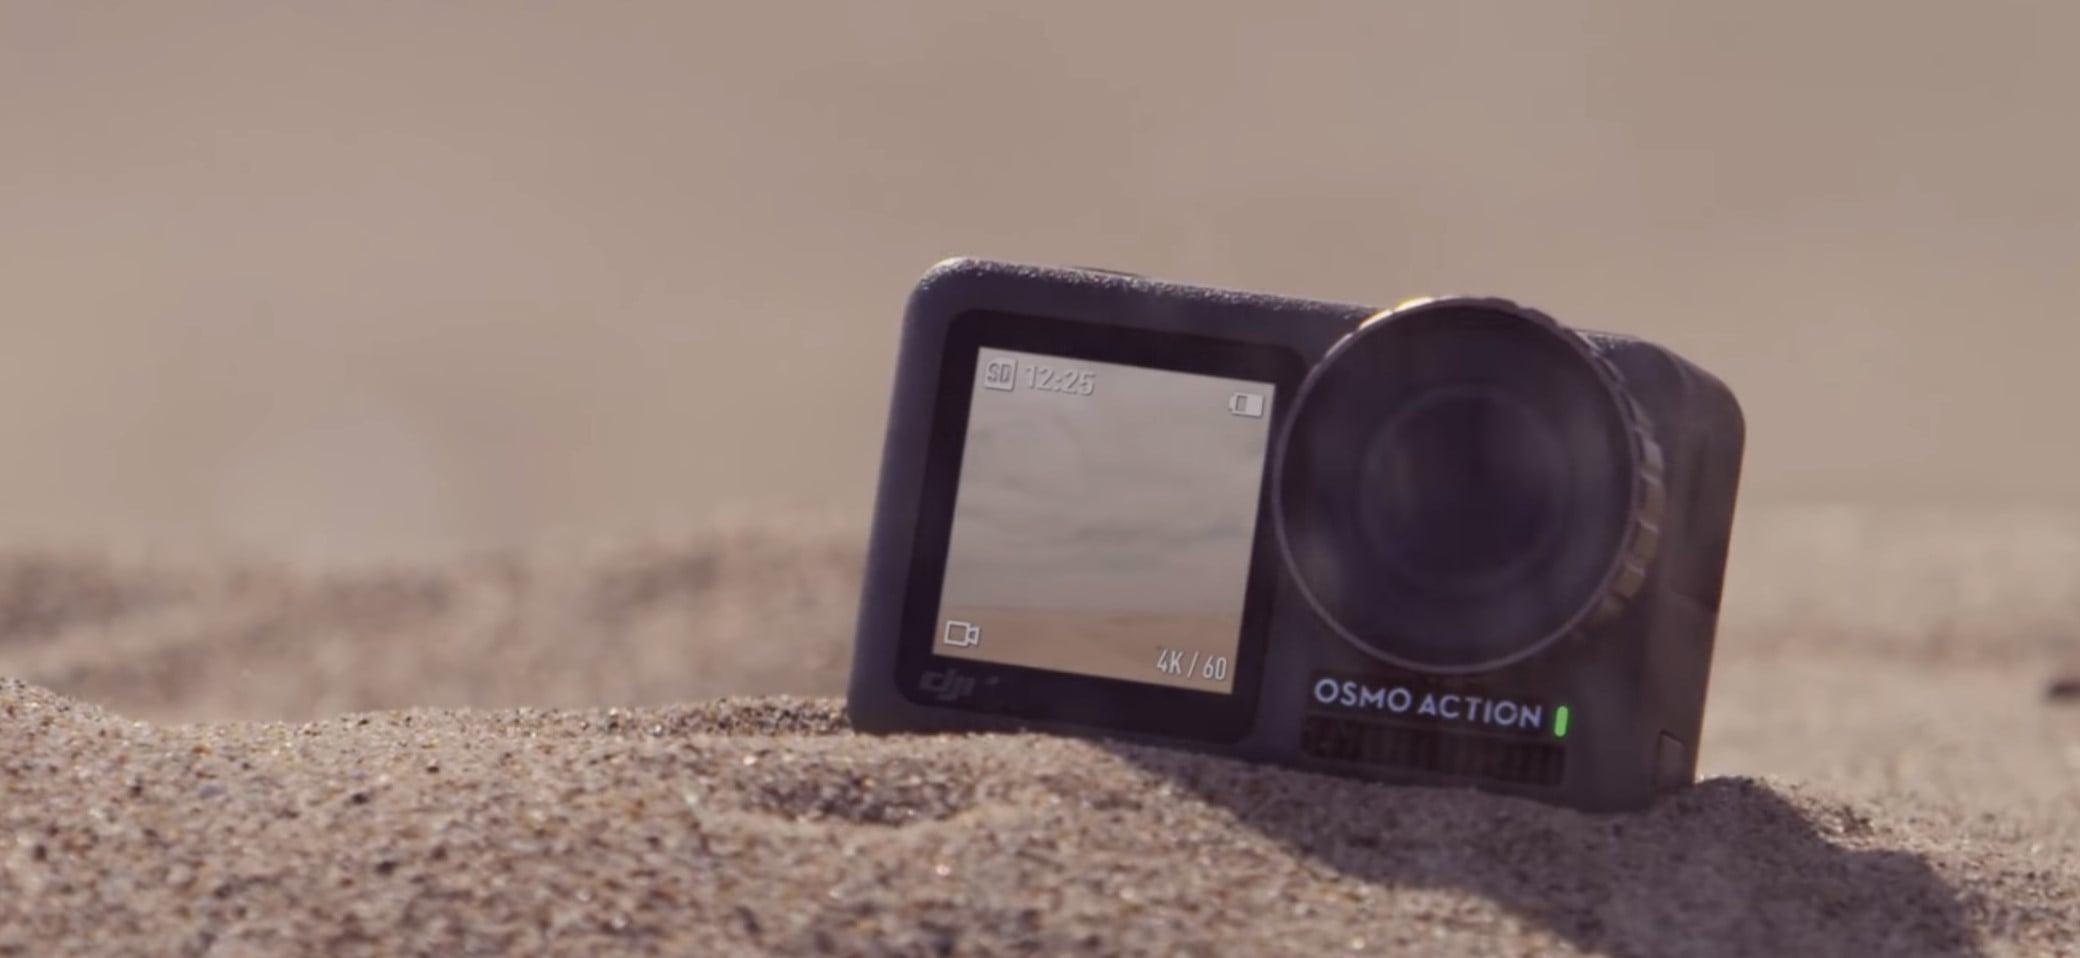 Nowa kamera DJI Osmo Action rzuca wyzwanie sprzętom od GoPro